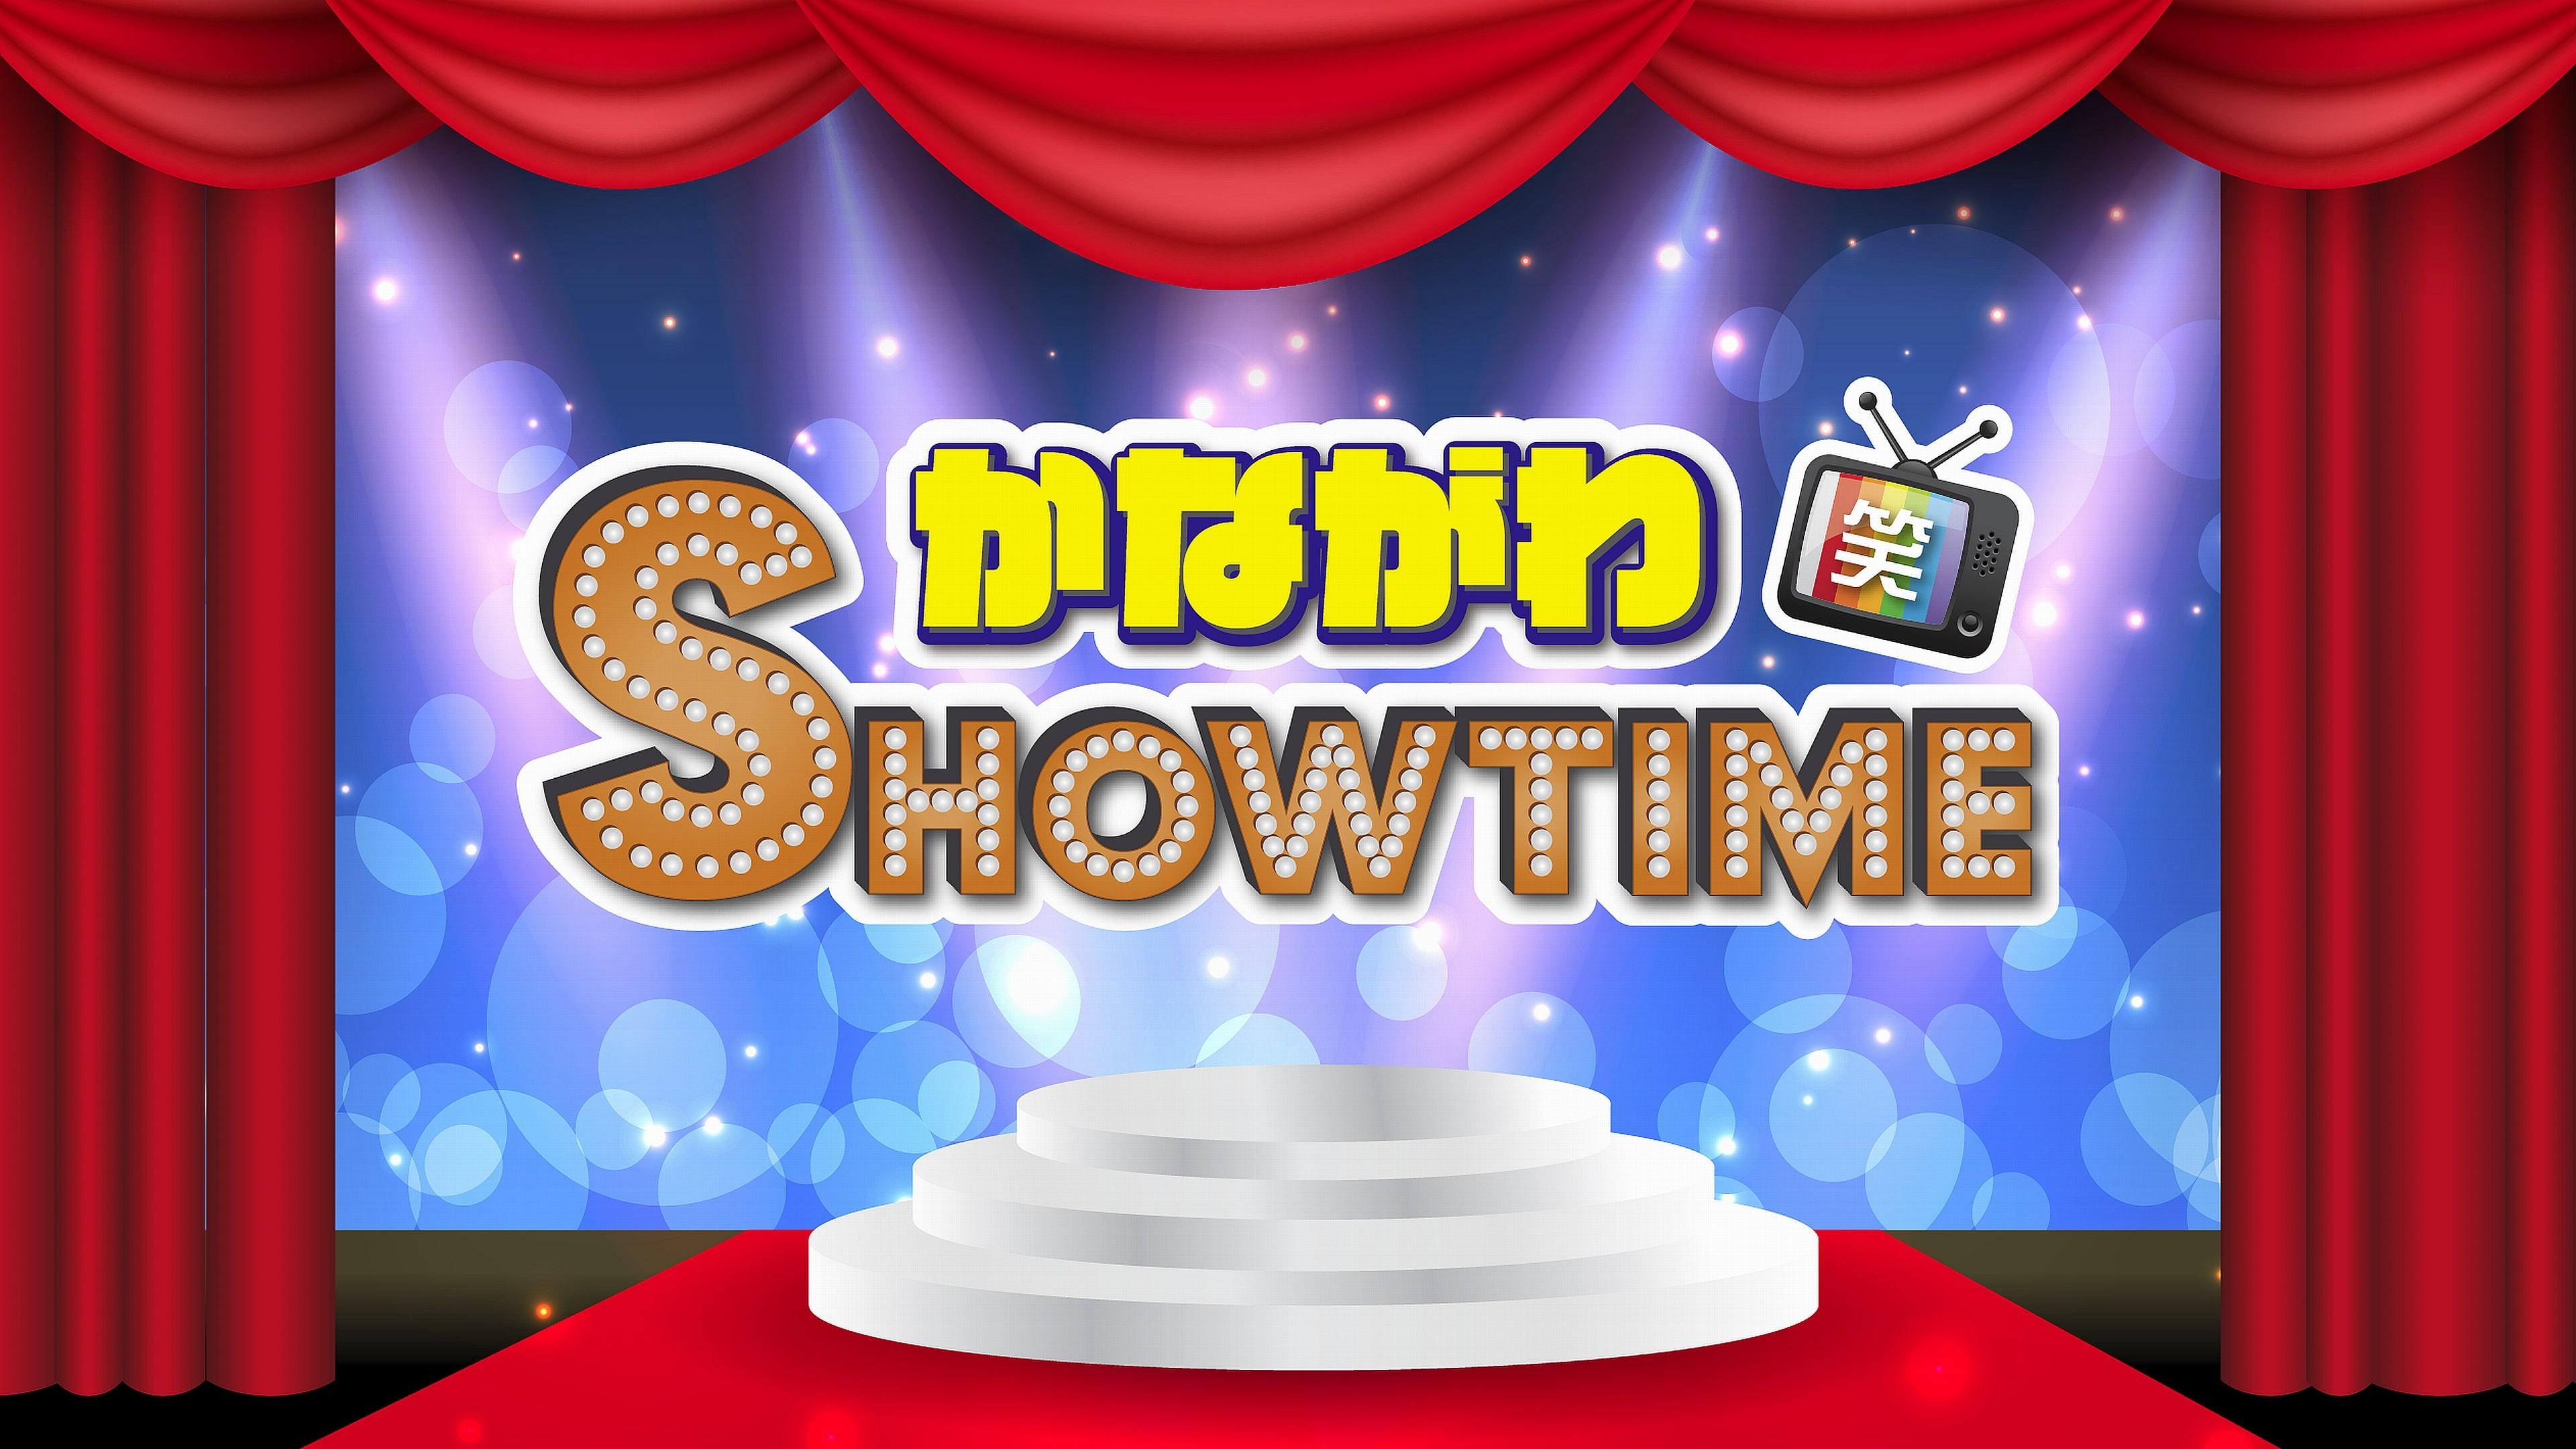 オーディション [テレビ神奈川]かながわSHOWTIME 出演者オーディション 主催:株式会社サン・オフィス、カテゴリ:タレント